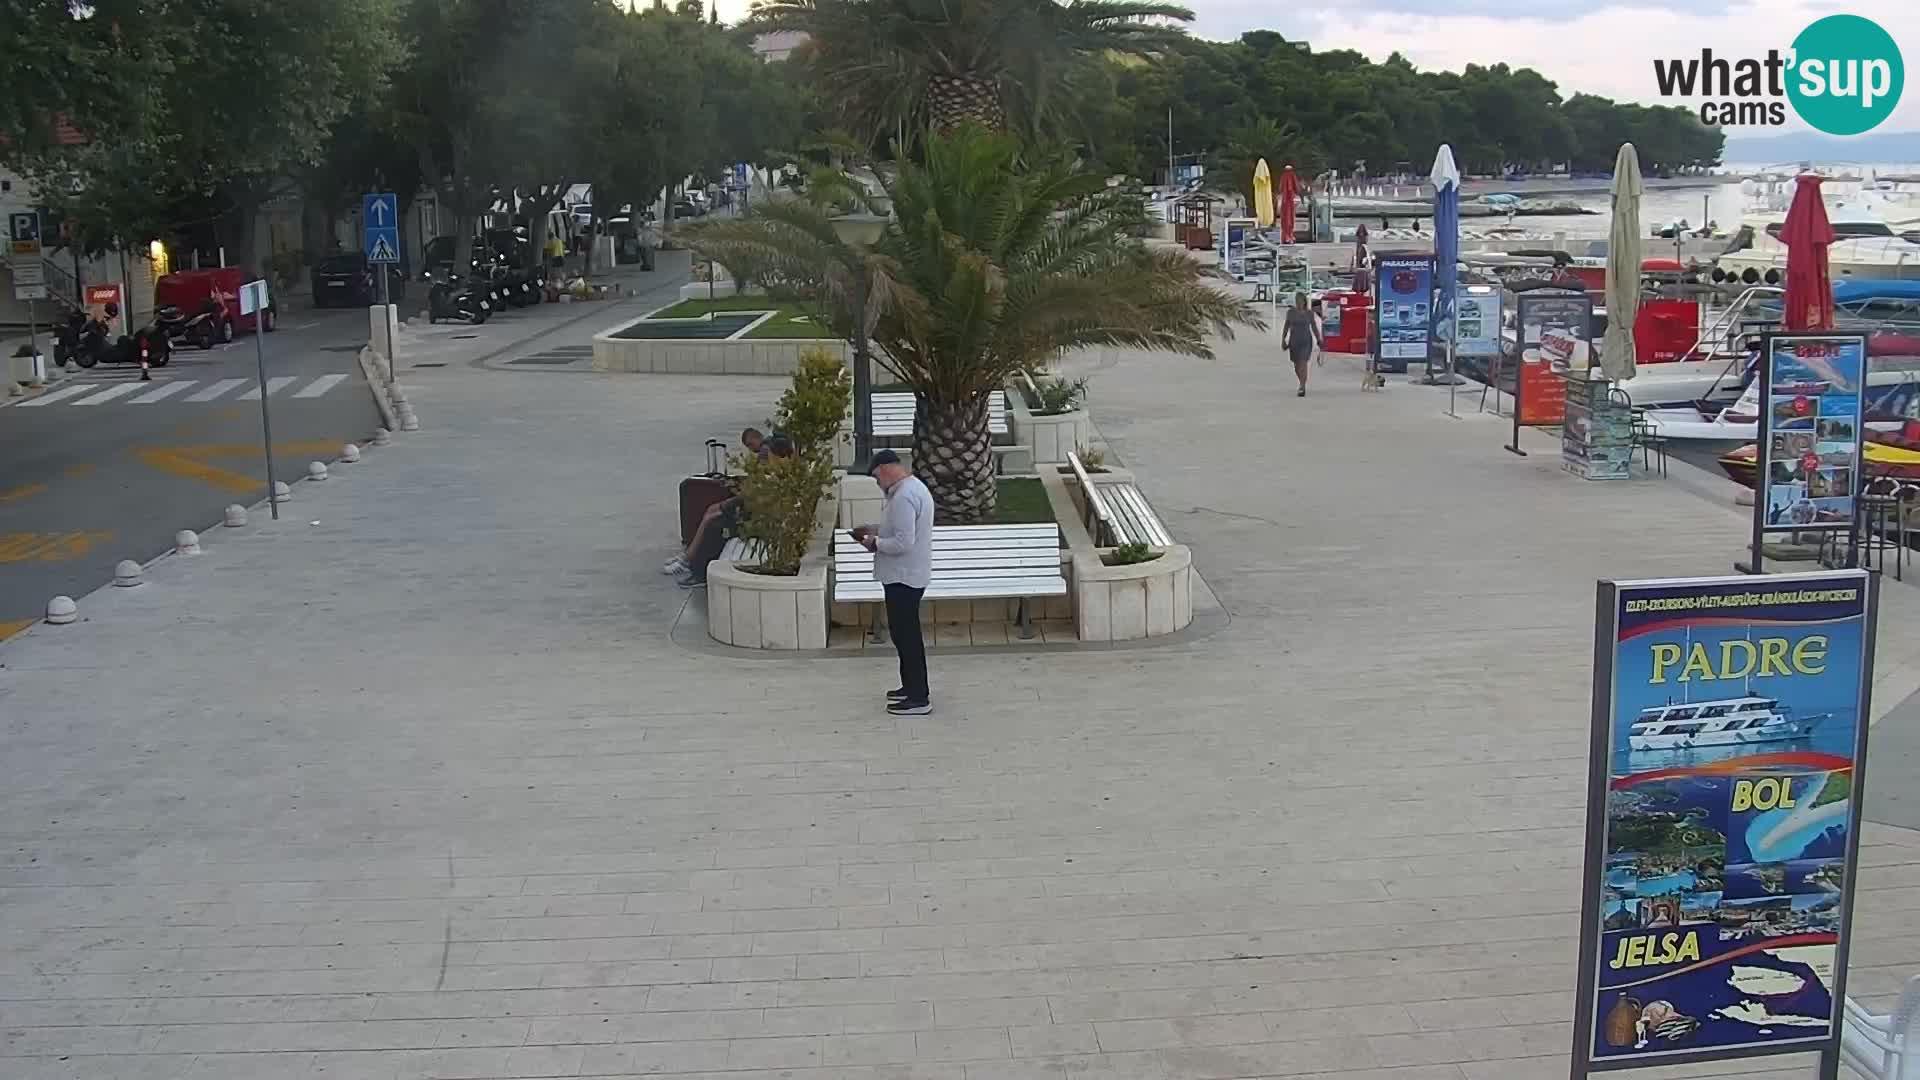 Seaside promenade in Baška Voda